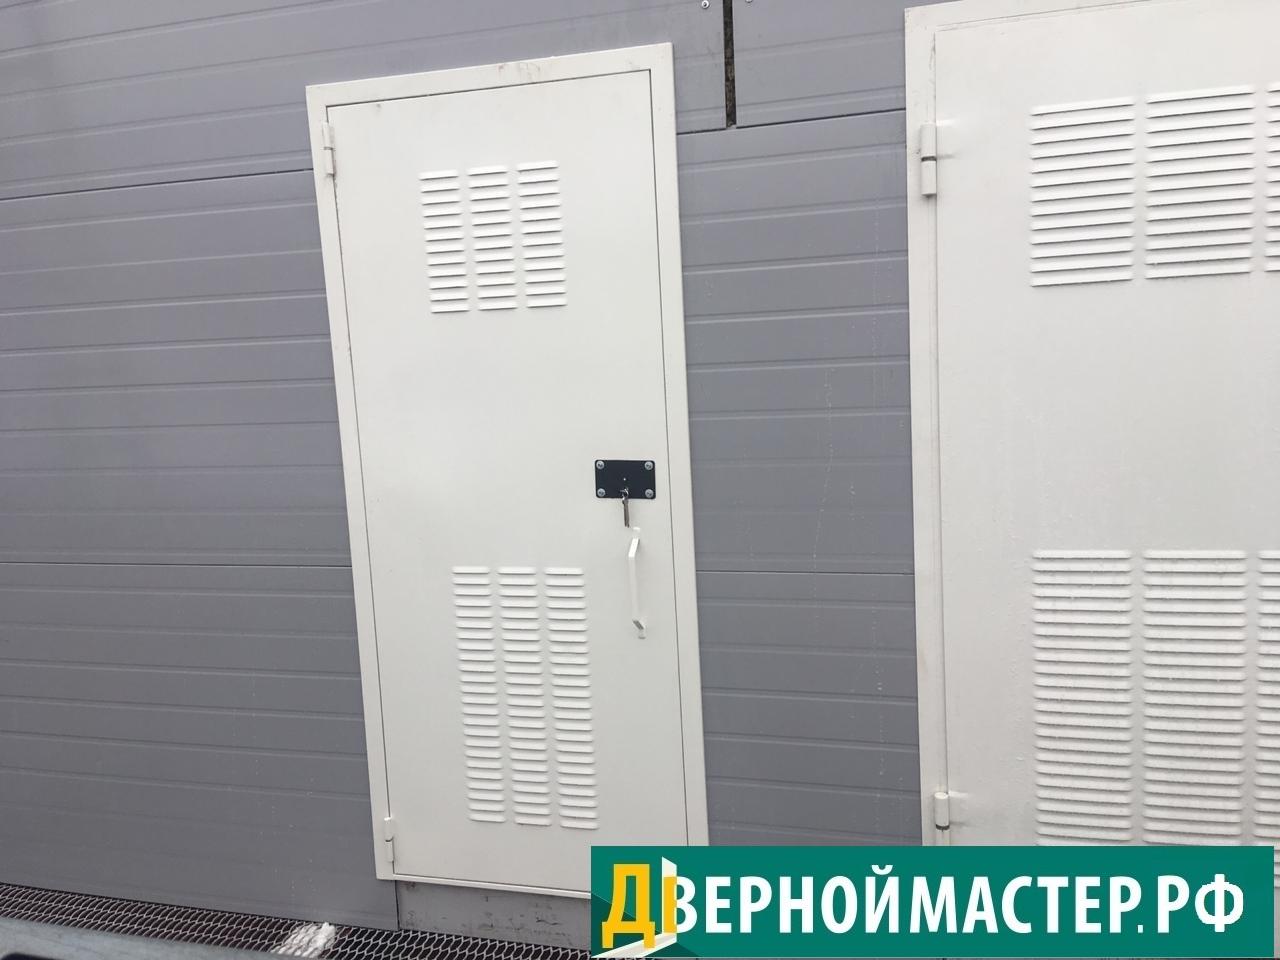 Металлическая дверь в электрощитовую с вент решеткой перфорированной